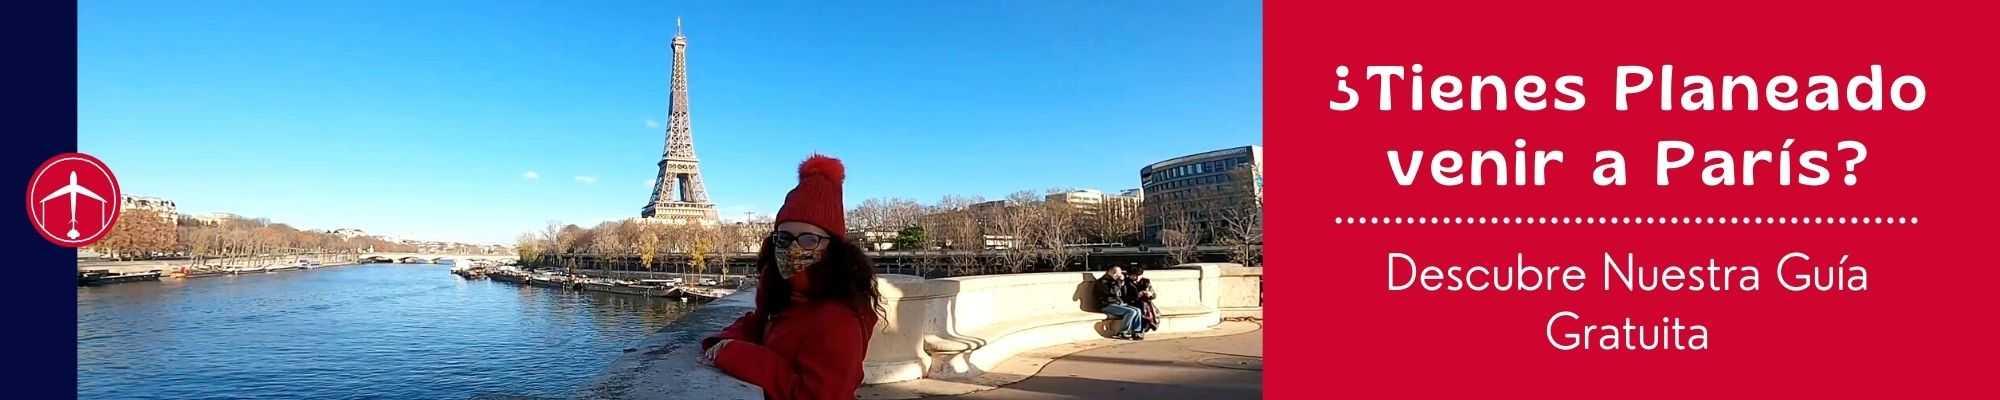 ¿Tienes Planeado venir a París_